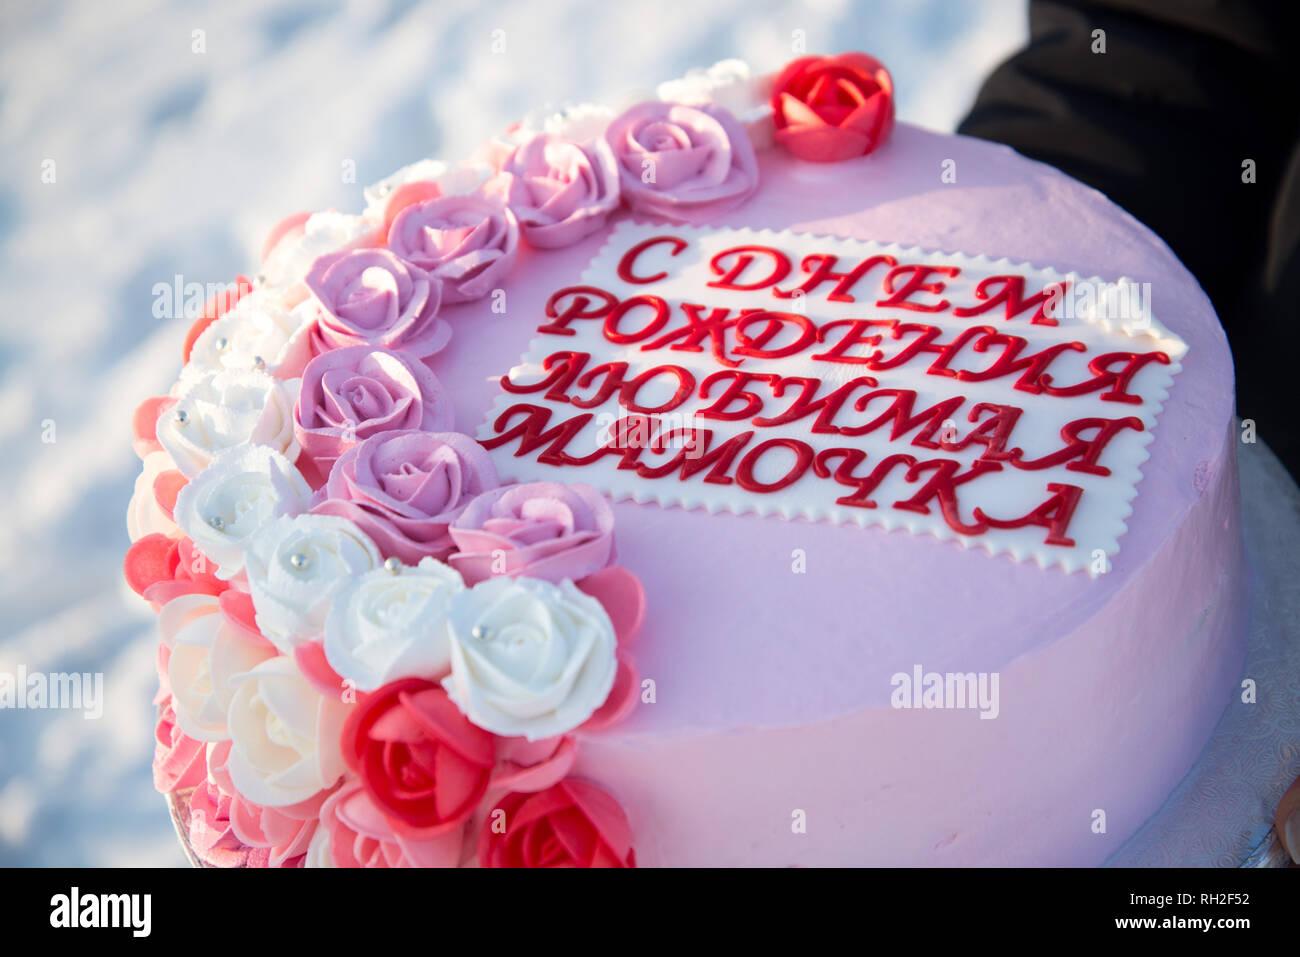 Schonen Kuchen Mit Rosa Blumen In Den Handen Eines Madchens Auf